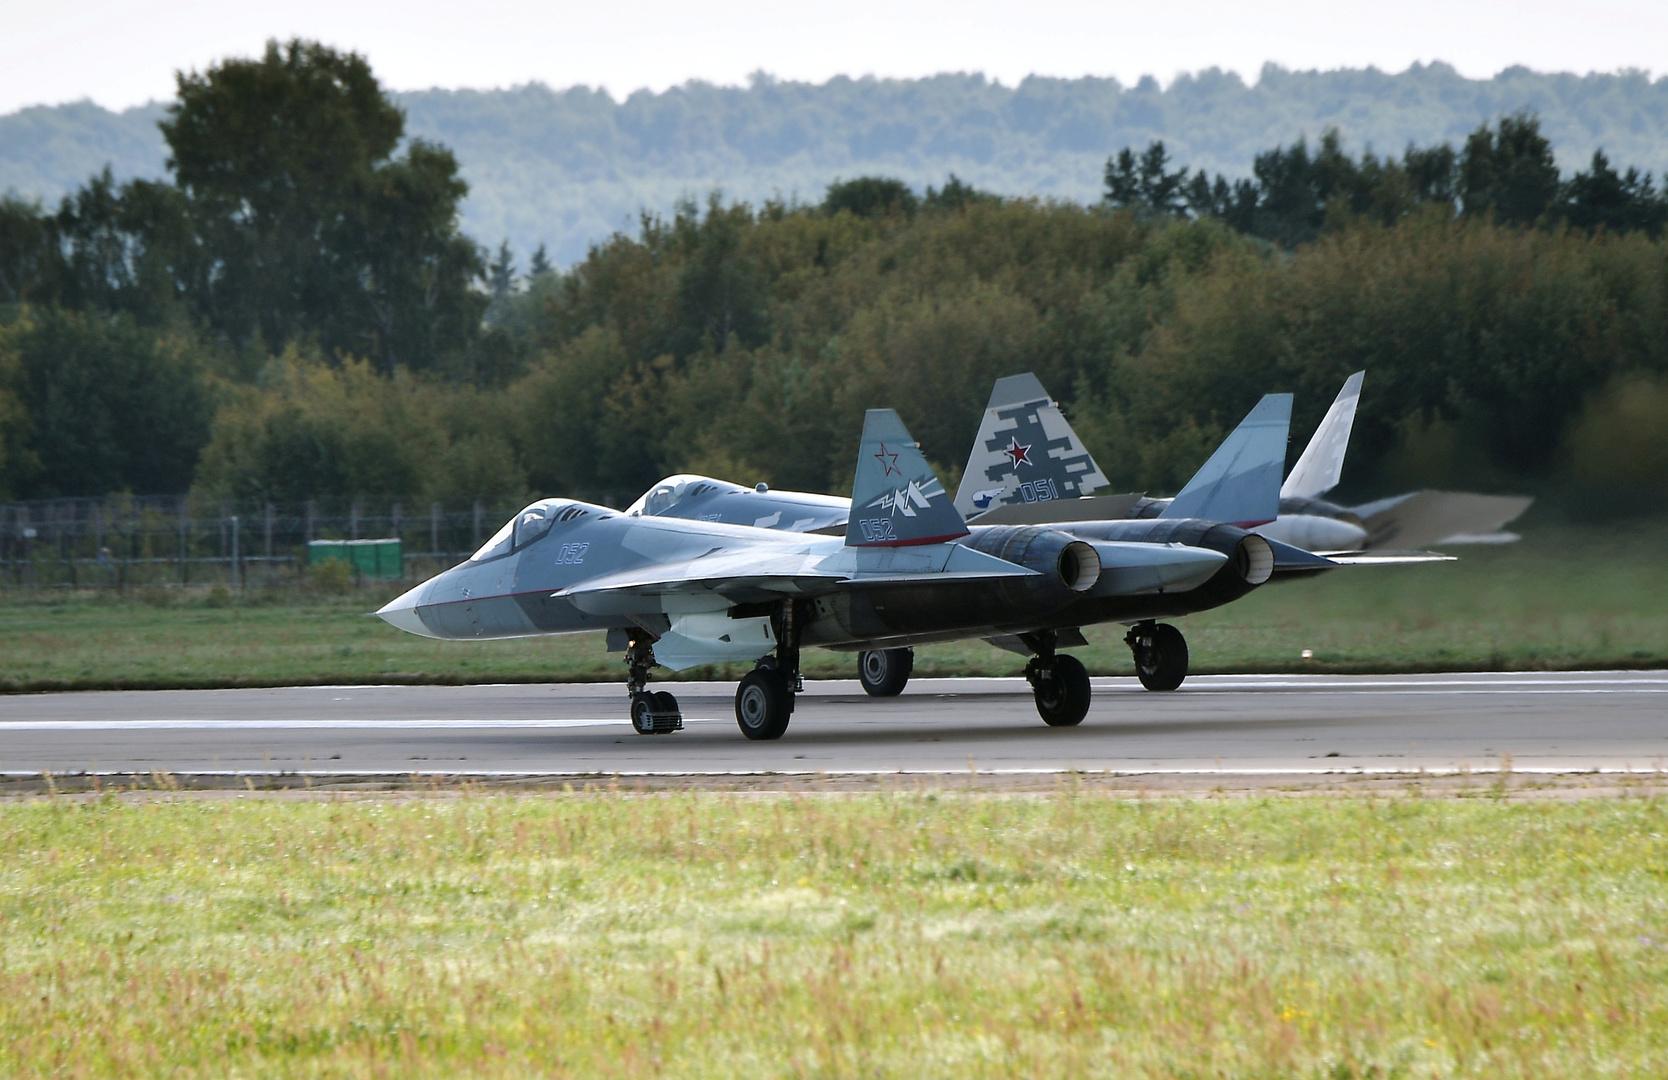 روسيا تطور أسلحة لمقاتلات الجيل الخامس